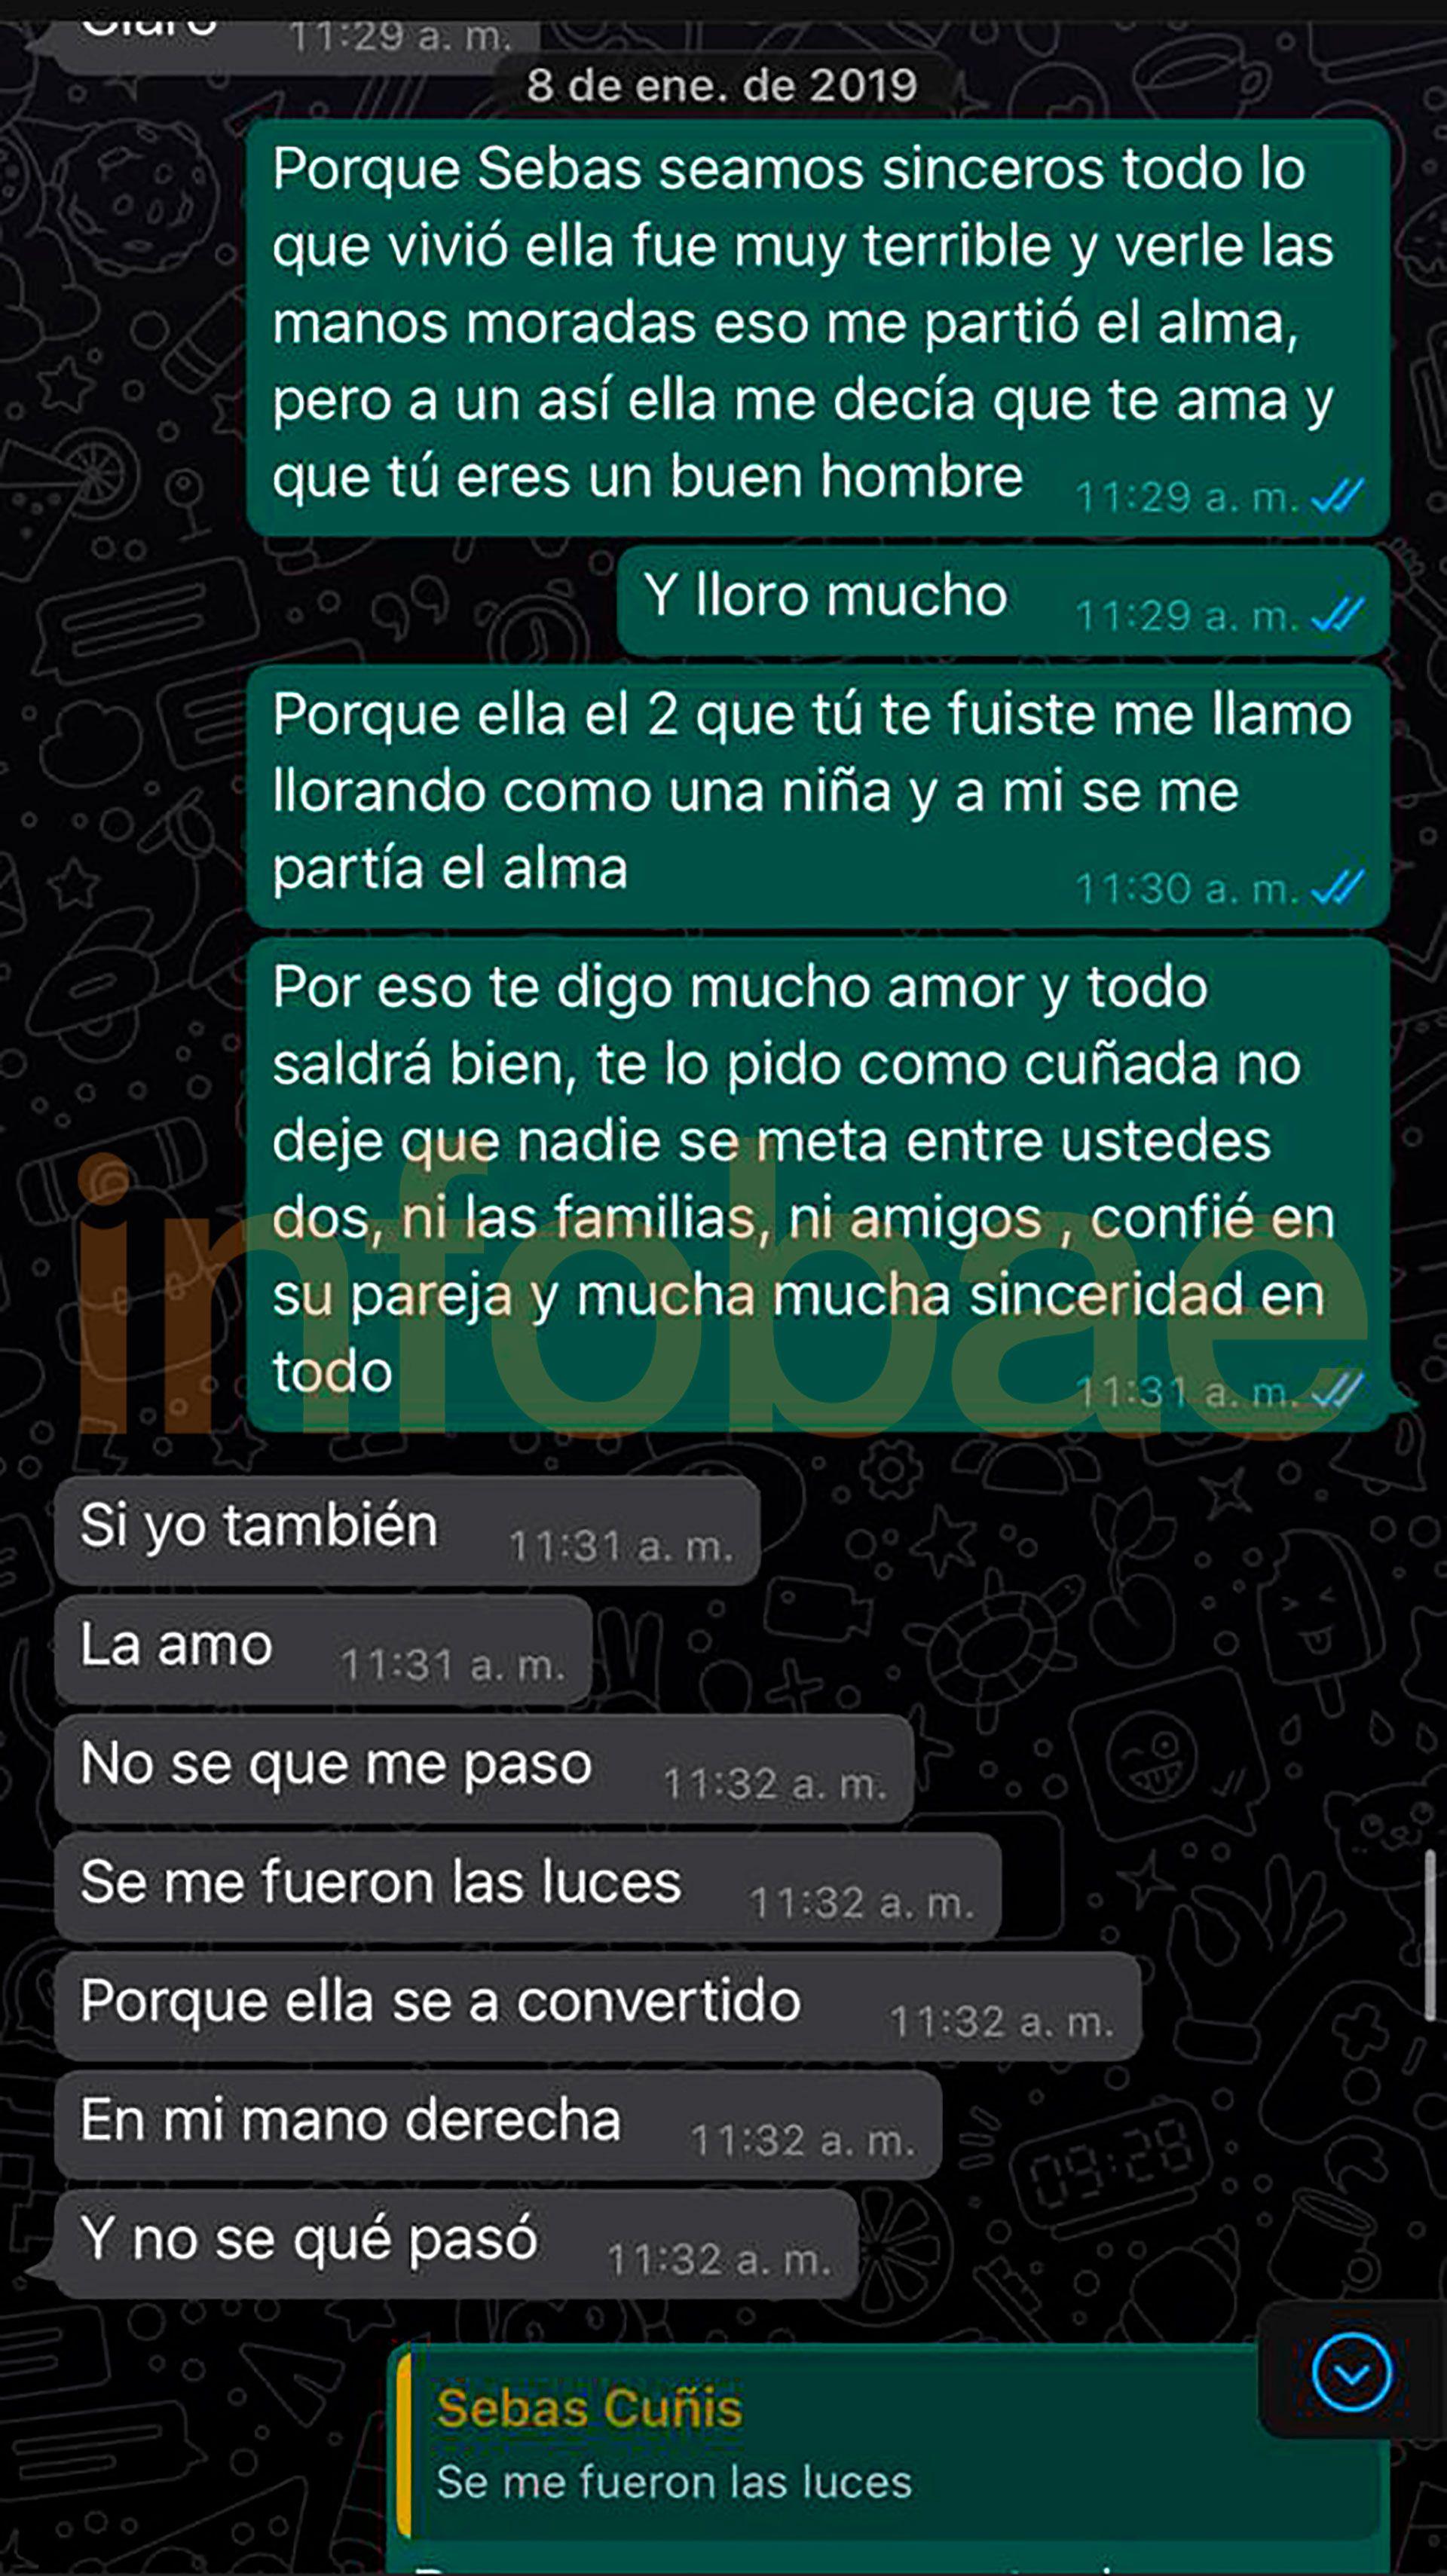 """""""La amo. Se me fueron las luces. No sé qué me pasó"""", dice Villa después de ser acusado de un ataque a Daniela Cortés en el chat presentado por Burlando"""